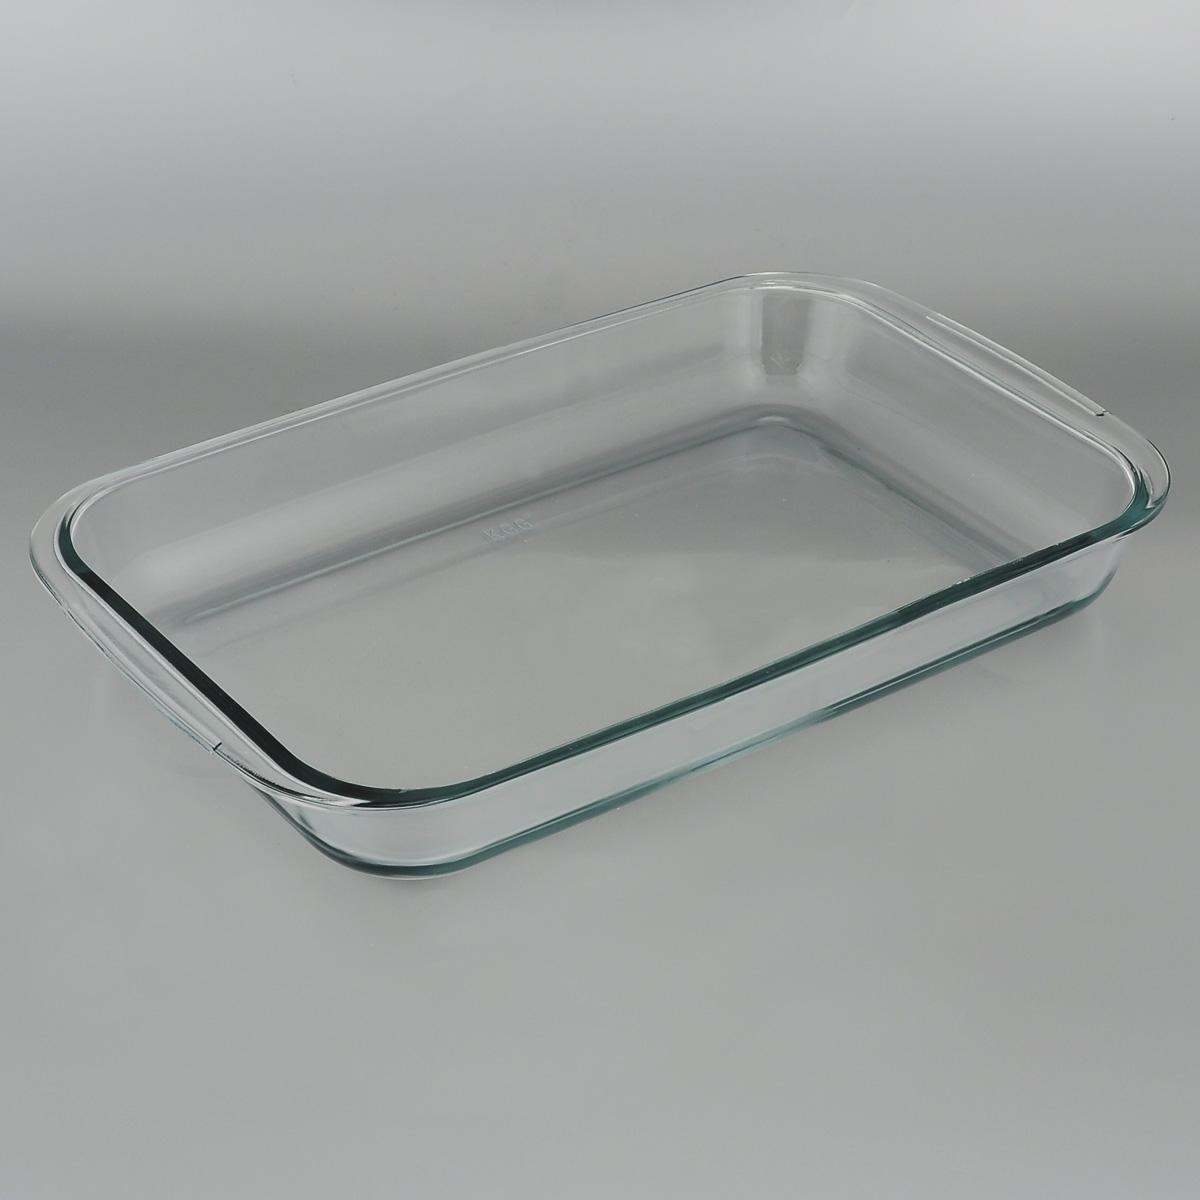 Форма для запекания Mijotex, прямоугольная, 39 см х 23 смPL4Прямоугольная форма для запекания Mijotex изготовлена из жаропрочного стекла, которое выдерживает температуру до +450°С. Форма предназначена для приготовления горячих блюд. Оснащена двумя ручками. Материал изделия гигиеничен, прост в уходе и обладает высокой степенью прочности. Форма идеально подходит для использования в духовках, микроволновых печах, холодильниках и морозильных камерах. Также ее можно использовать на газовых плитах (на слабом огне) и на электроплитах. Можно мыть в посудомоечной машине. Внутренний размер формы: 35 см х 23 см. Внешний размер формы (с учетом ручек): 39 см х 23 см. Высота стенки формы: 5 см.